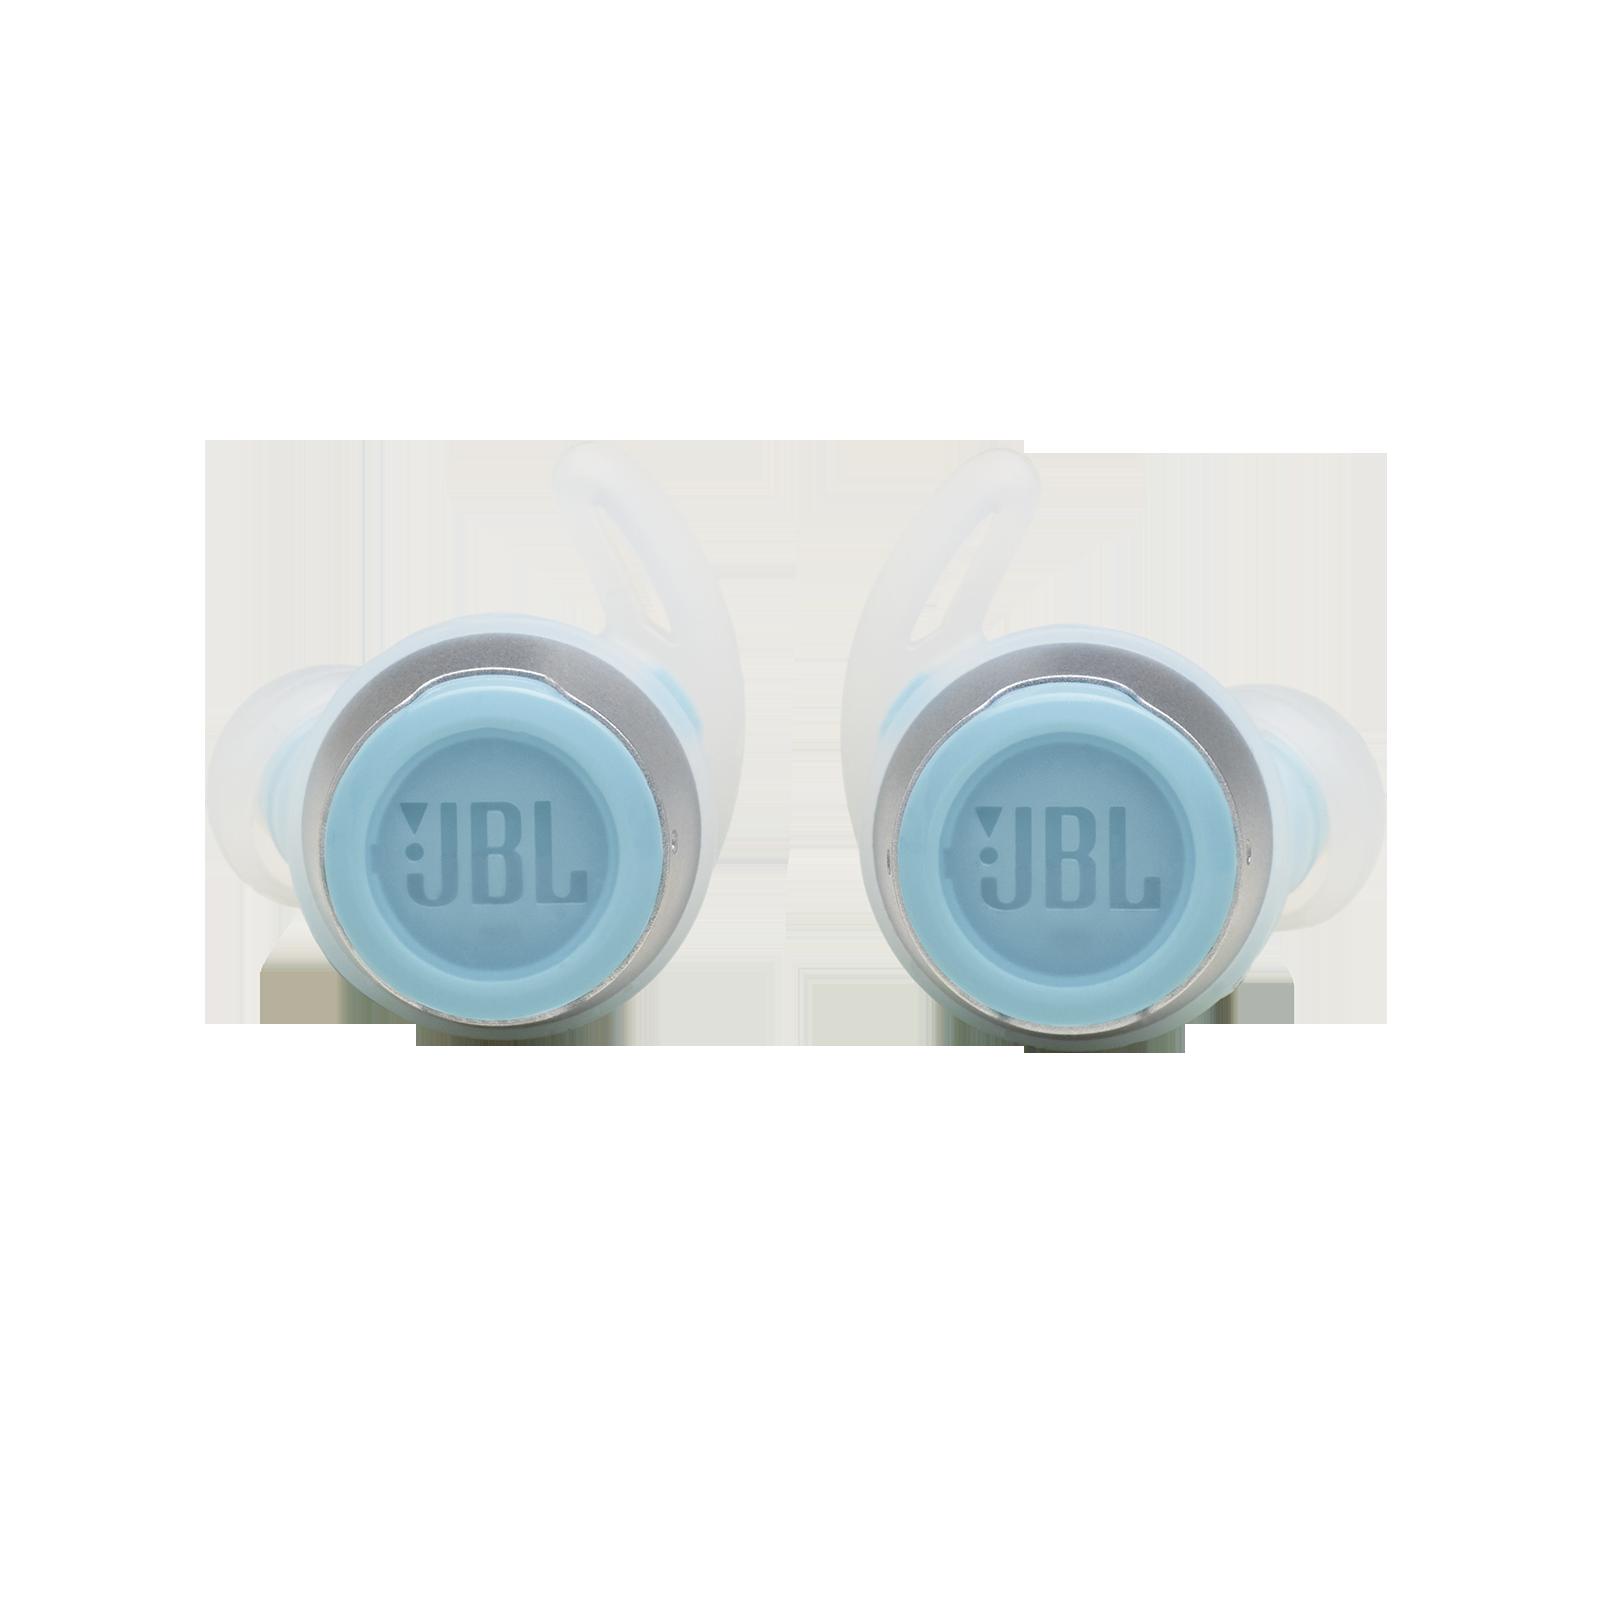 JBL Reflect Flow - Teal - Waterproof true wireless sport earbuds - Front